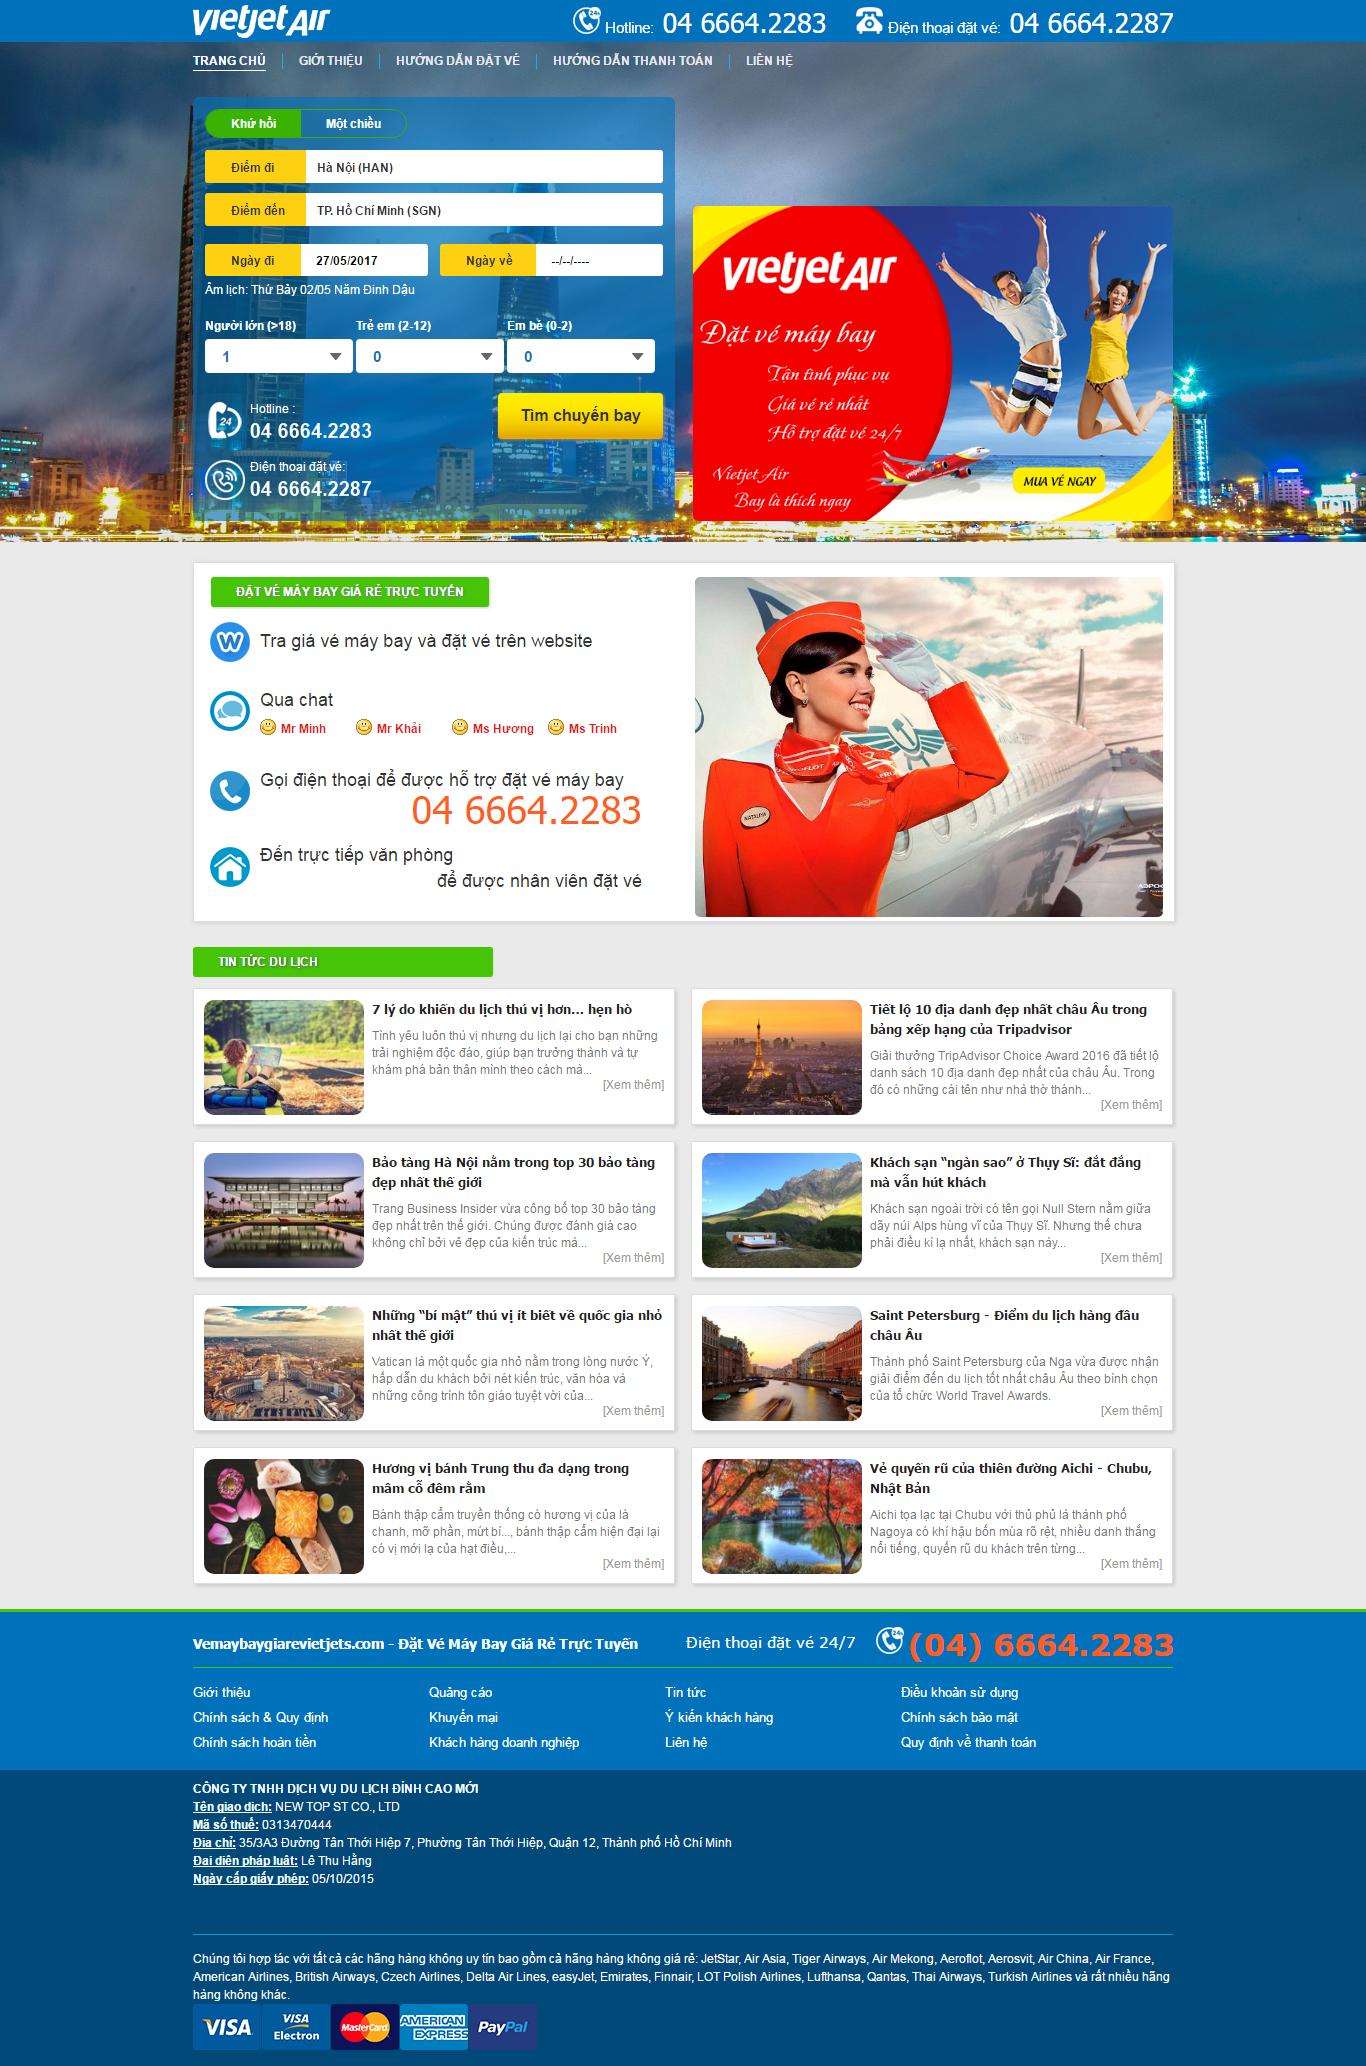 Thiết kế website vé máy bay vietjet air  đẹp, chuyên nghiệp chuẩn SEO